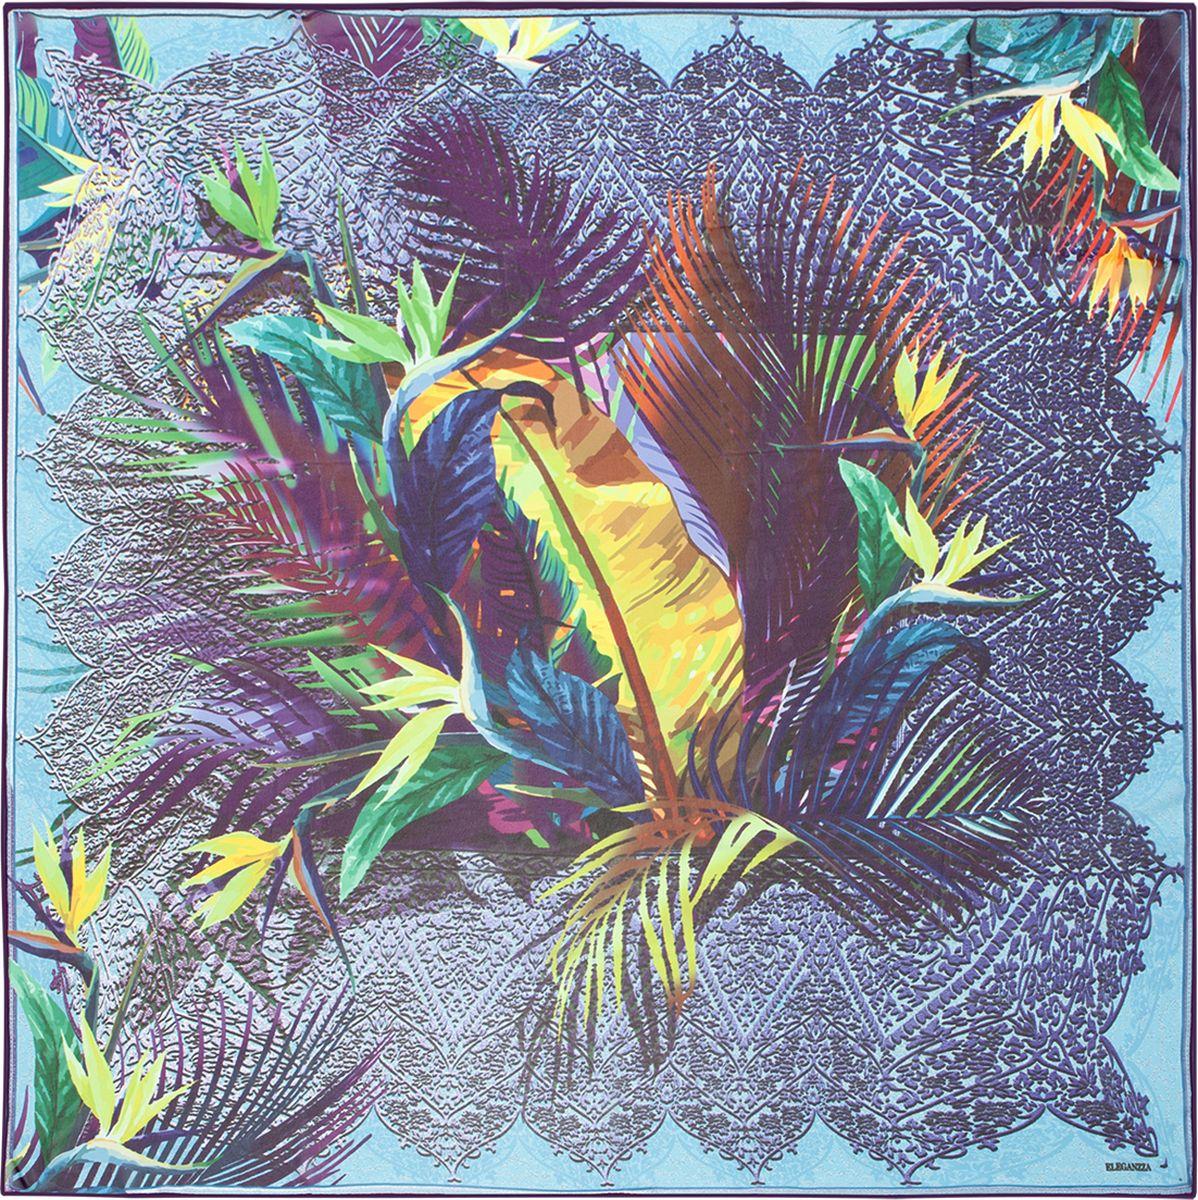 Платок женский Eleganzza, цвет: синий. D02-1198. Размер 110 см х 110 смD02-1198Платок Eleganzza, выполненный из шелка, идеально дополнит образ современной женщины. Модель оформлена растительным принтом. Классическая квадратная форма позволяет носить платок на шее, украшать им прическу или декорировать сумочку. С таким аксессуаром вы всегда будете выглядеть стильно и модно.